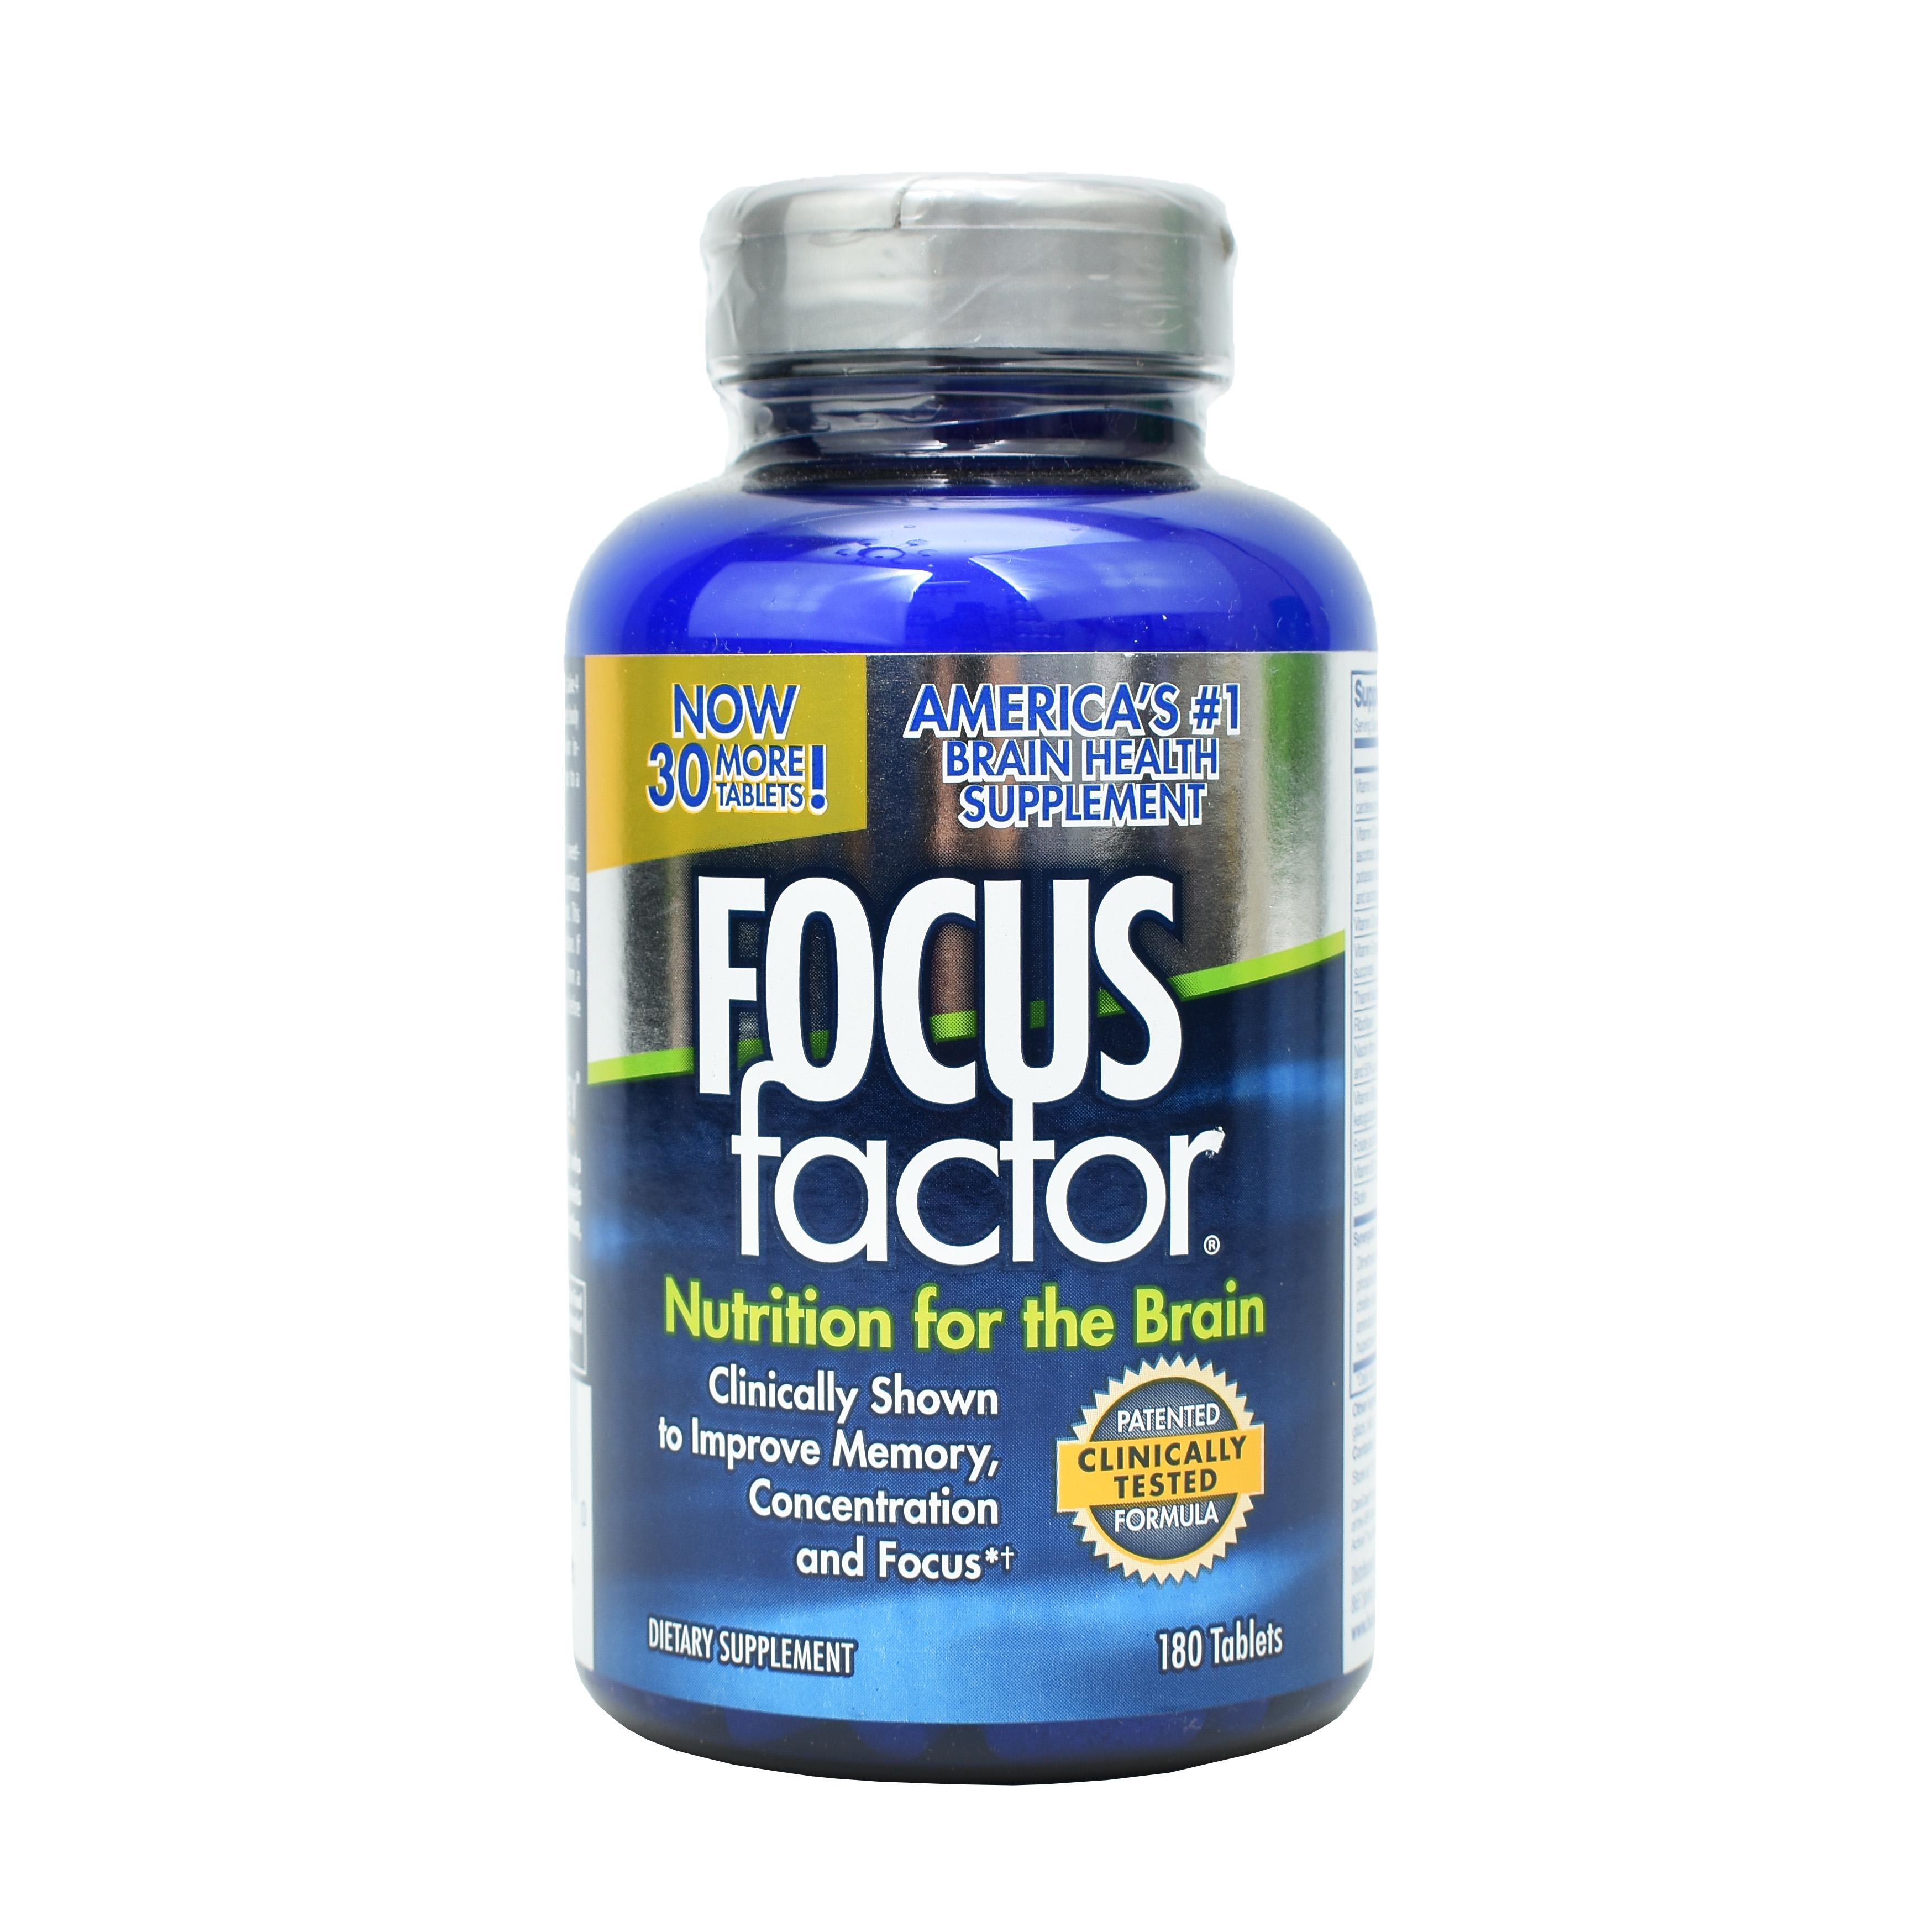 Viên Uống Focus Factor Nutrition For The Brain Của Mỹ, 180 viên